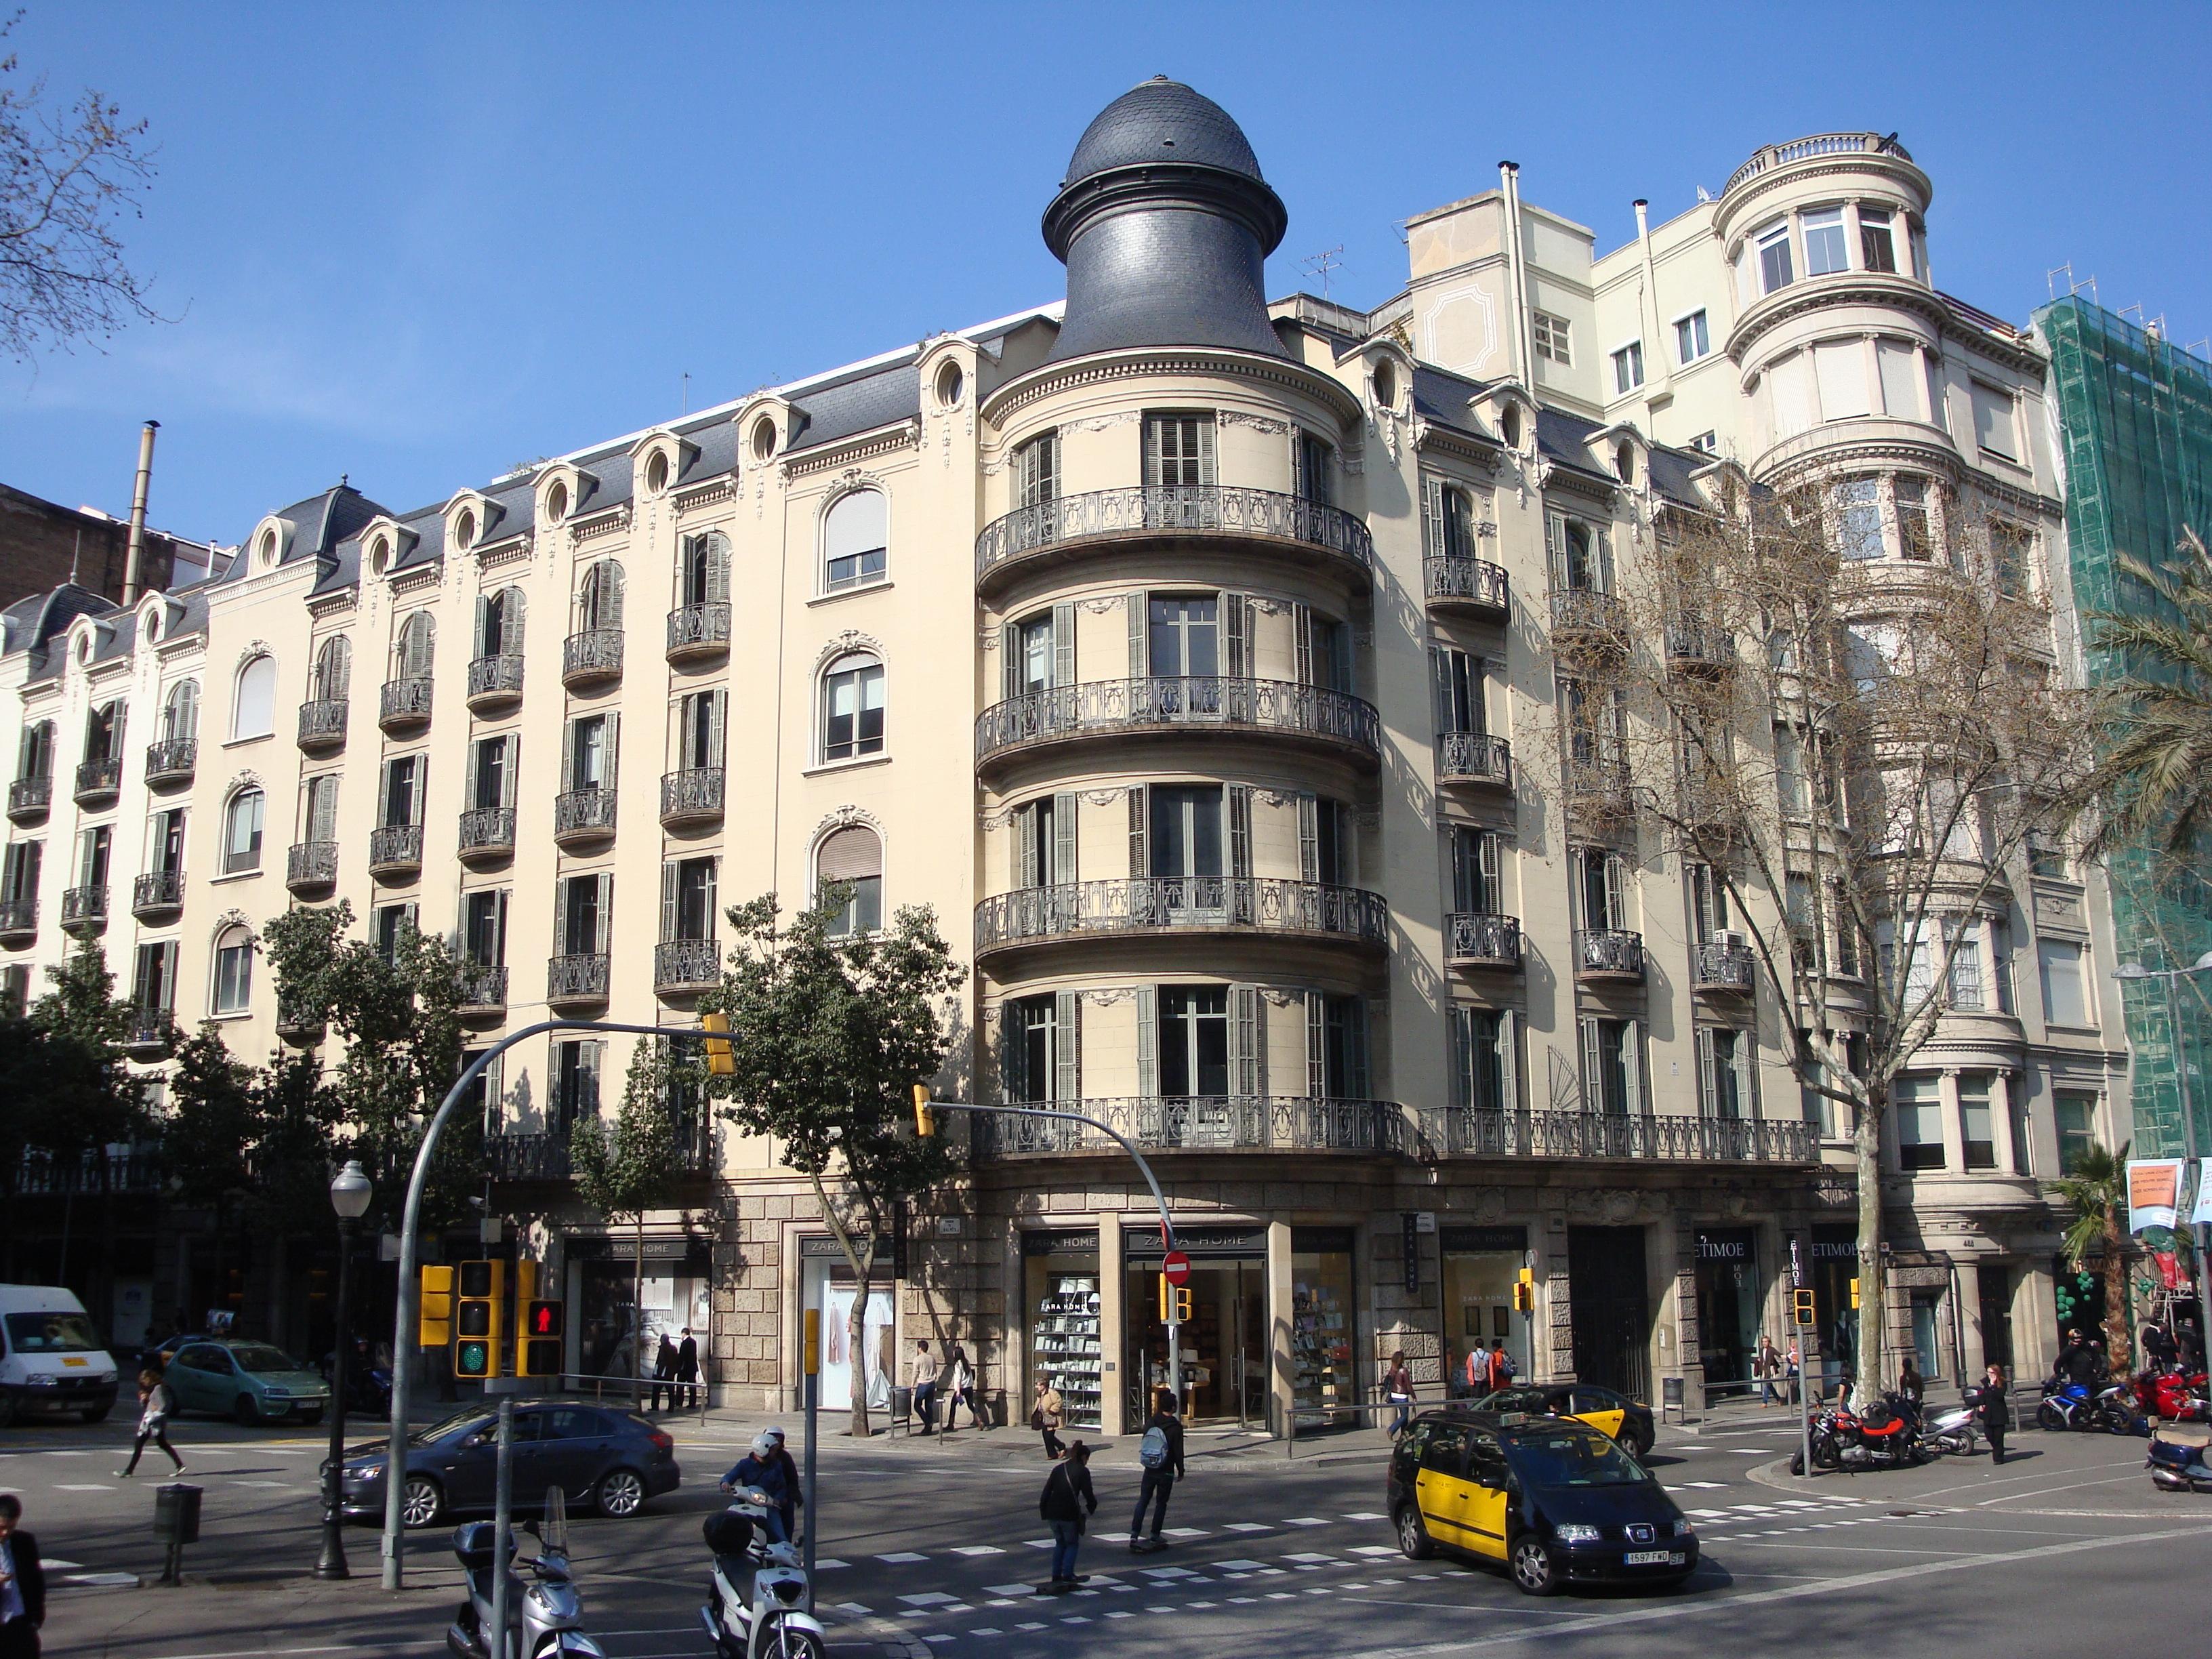 Рынок недвижимости Испании – к концу года цены могут вырасти еще на 3-6%